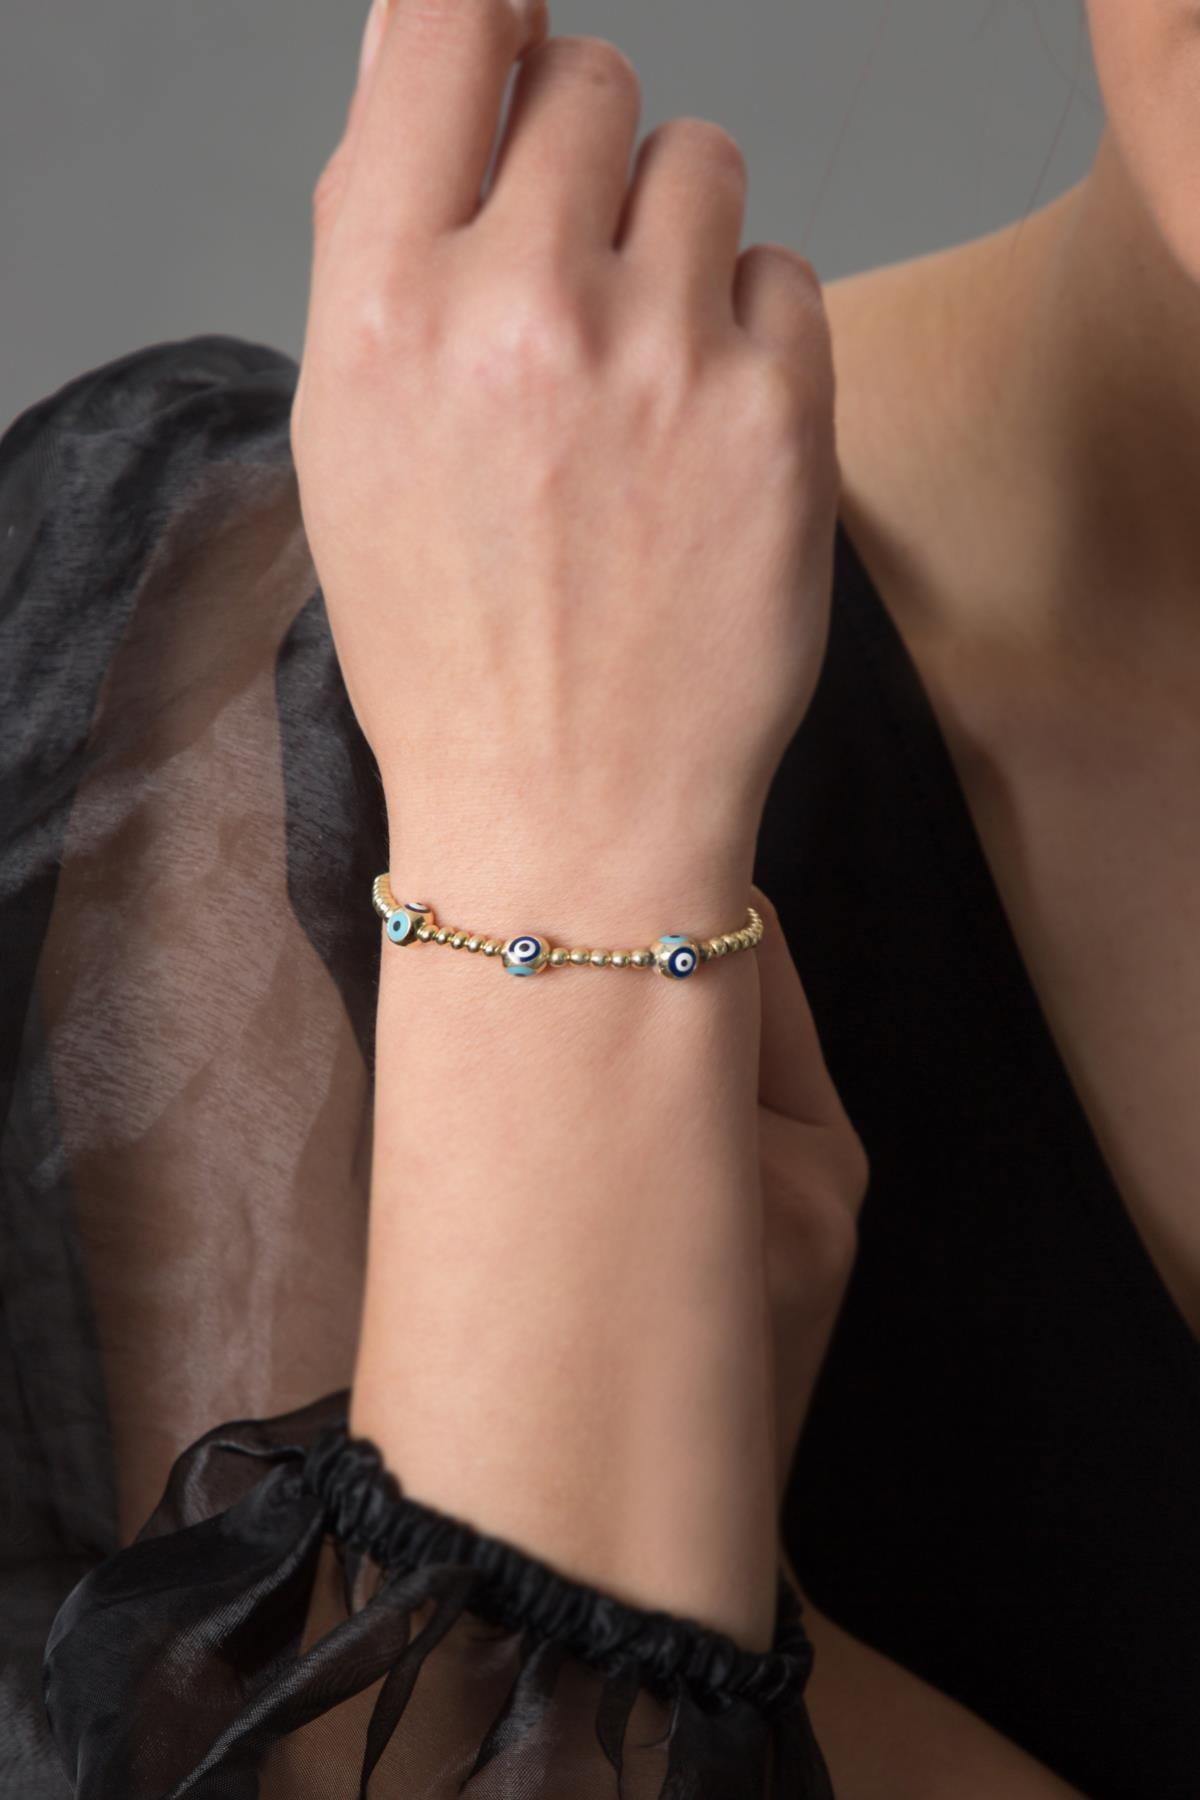 Elika Silver Kadın Nazar Boncuklu Altın Kaplama 925 Ayar Gümüş Bileklik 1